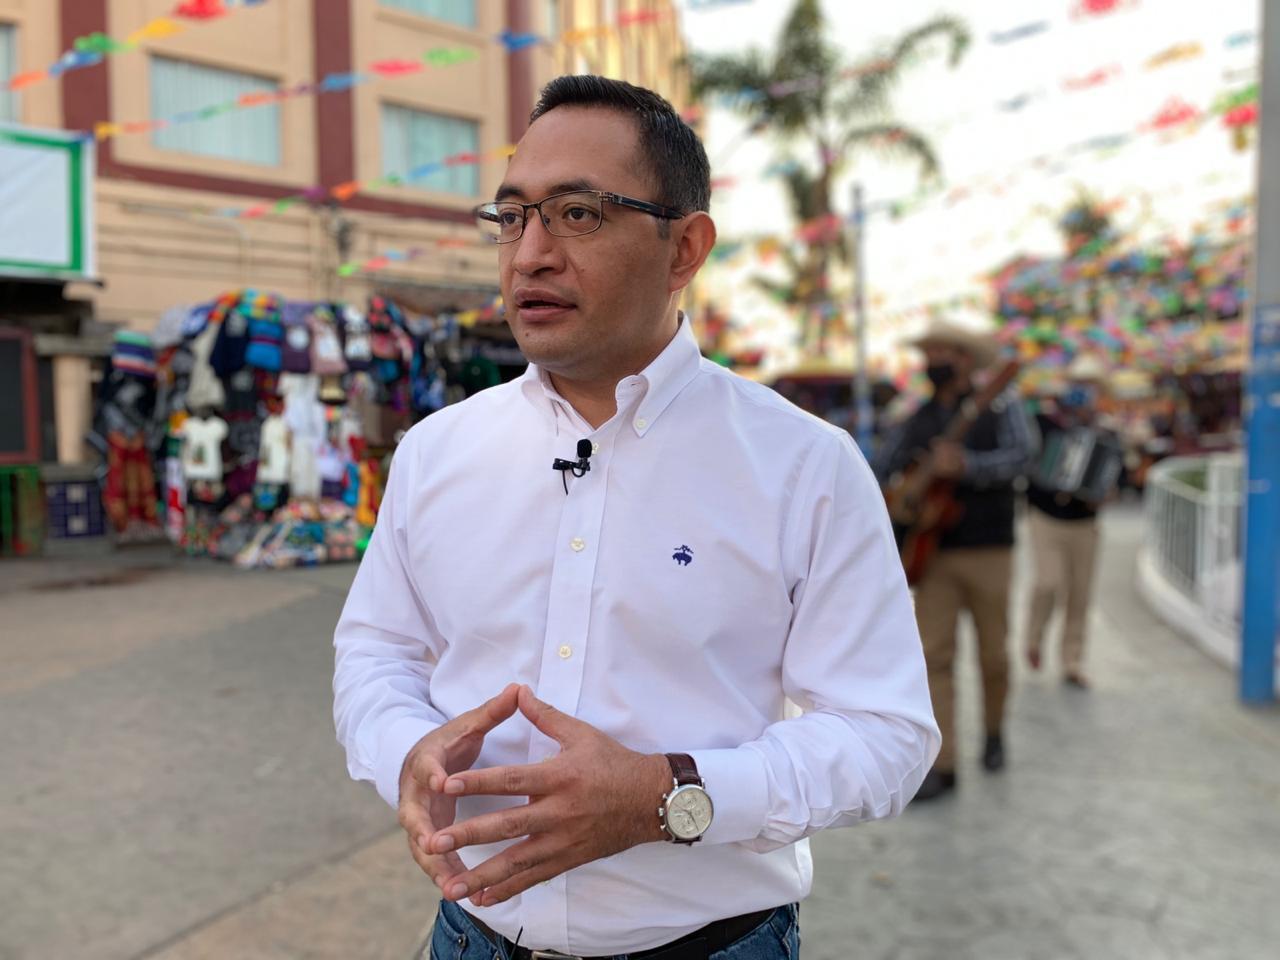 Mientras presumen fotos con AMLO, en Tijuana balean a niños